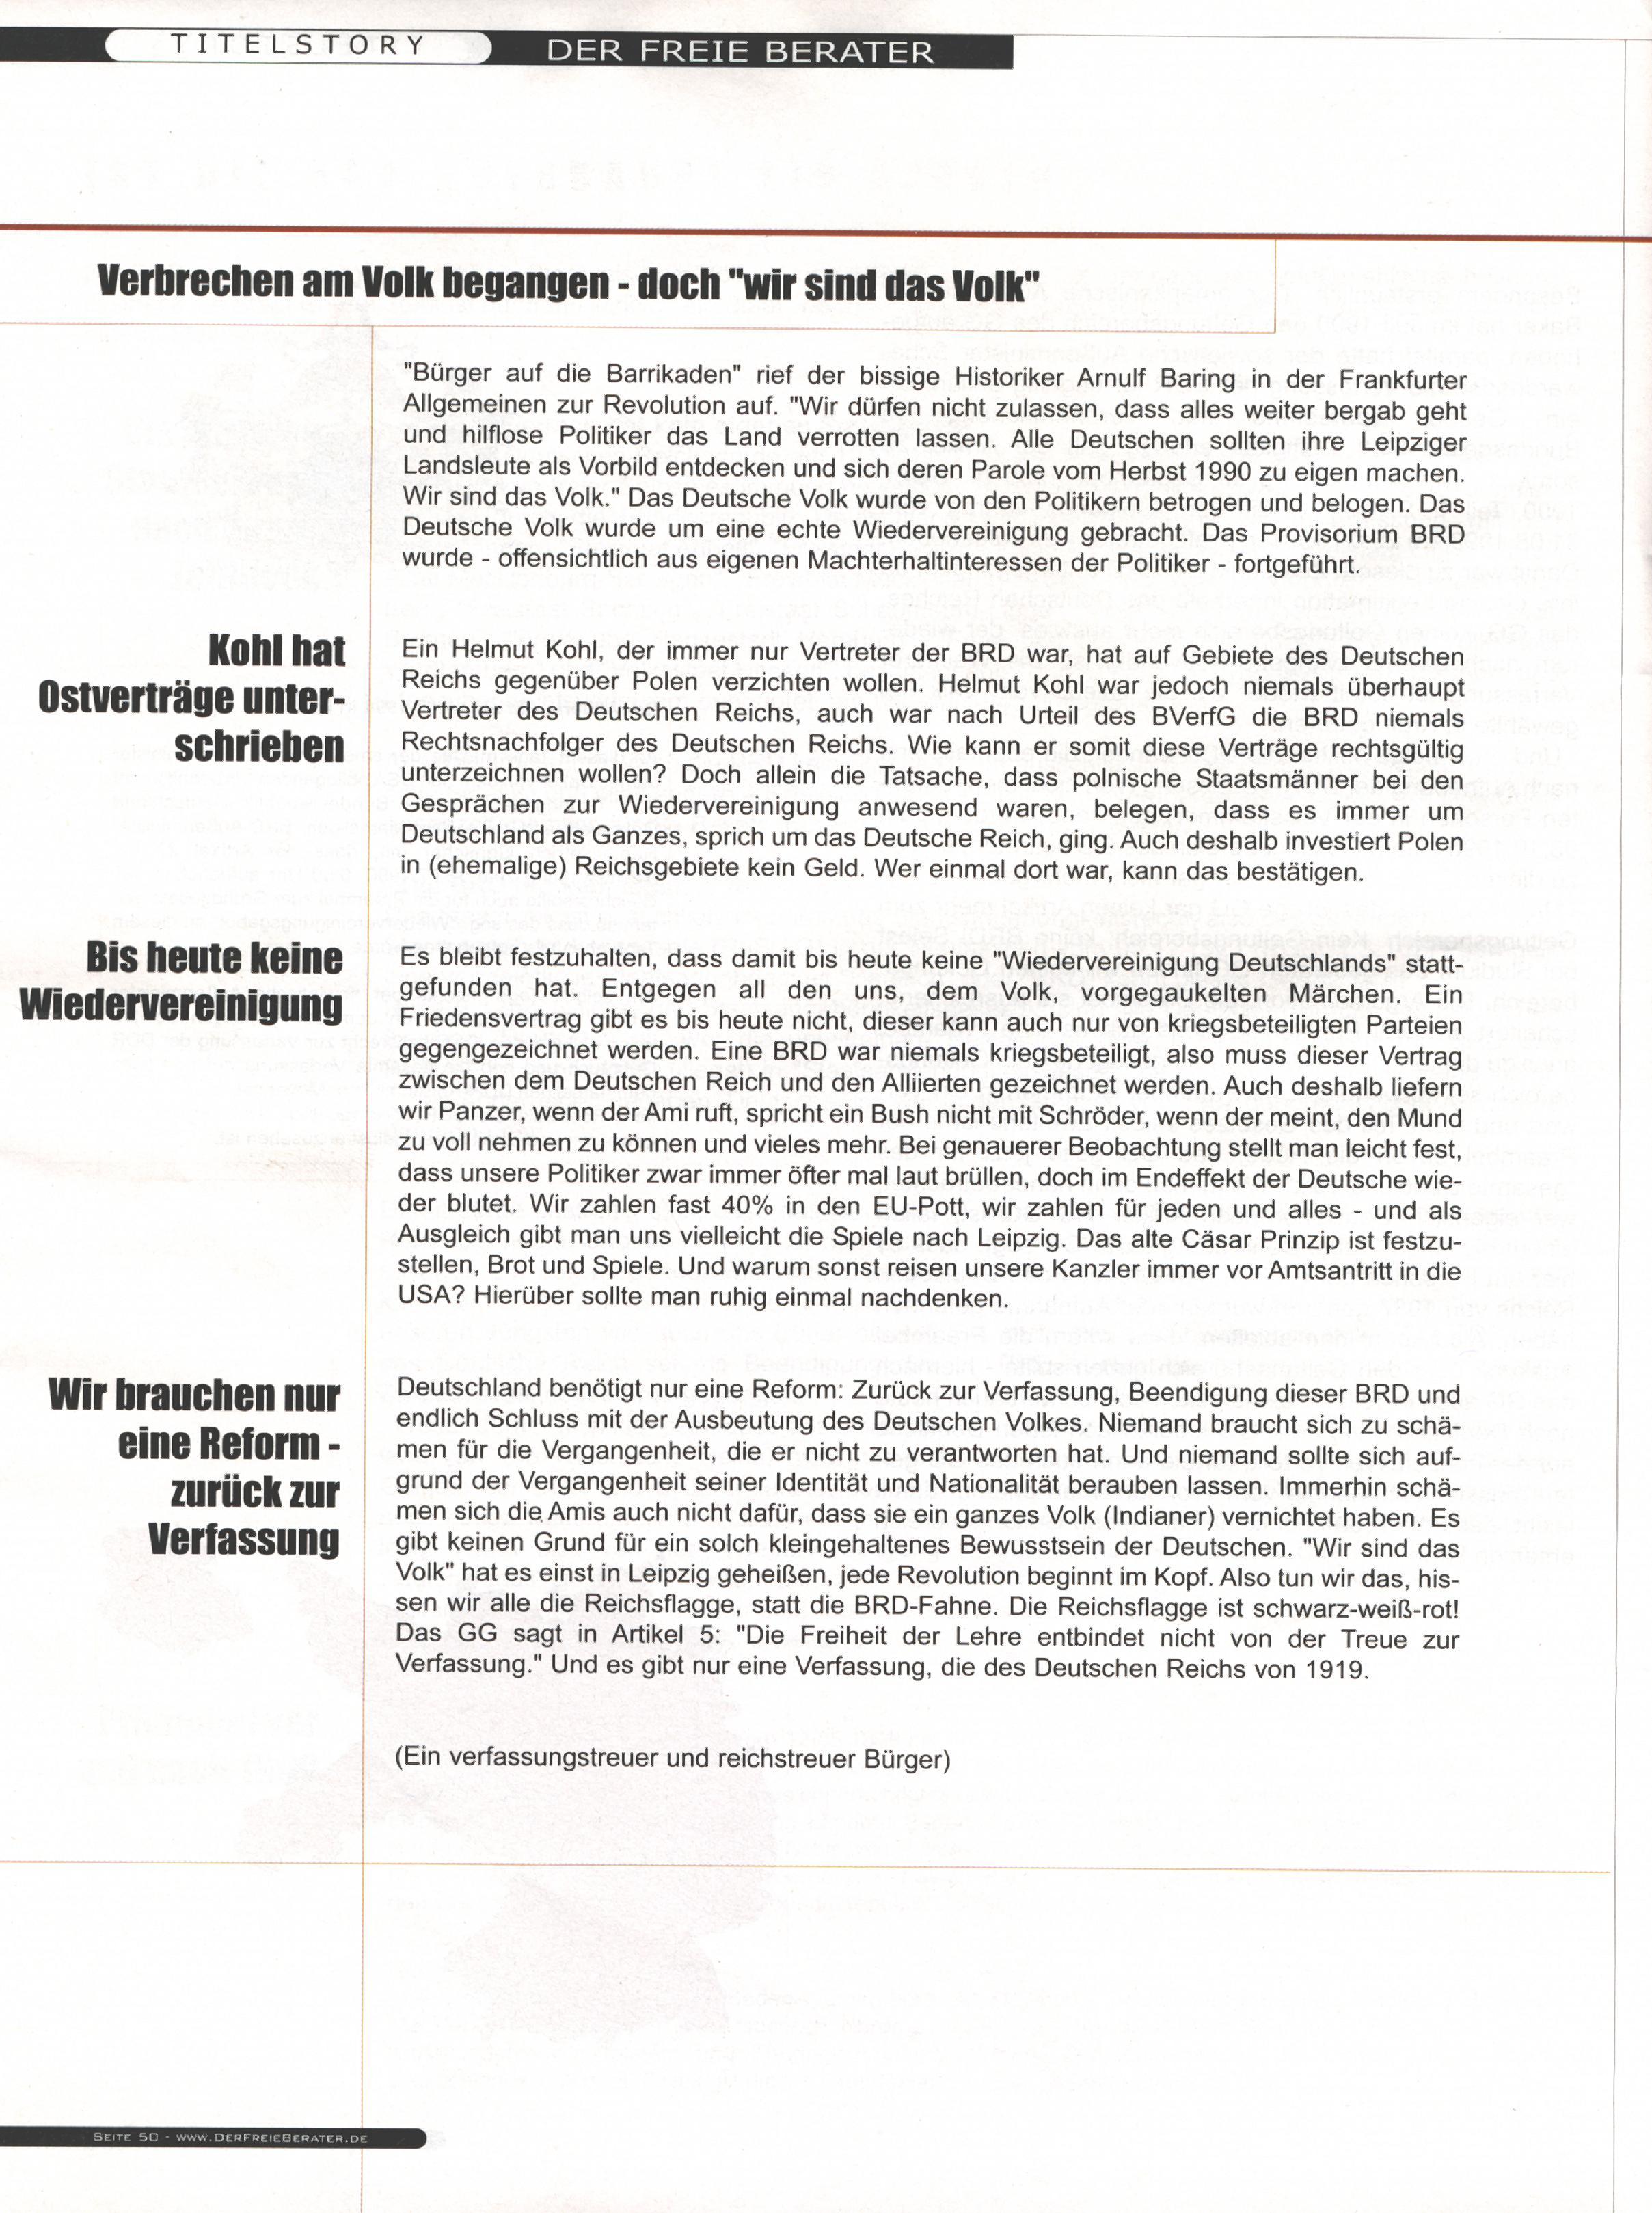 KRR-FAQ | volksbetrug.net | Seite 28